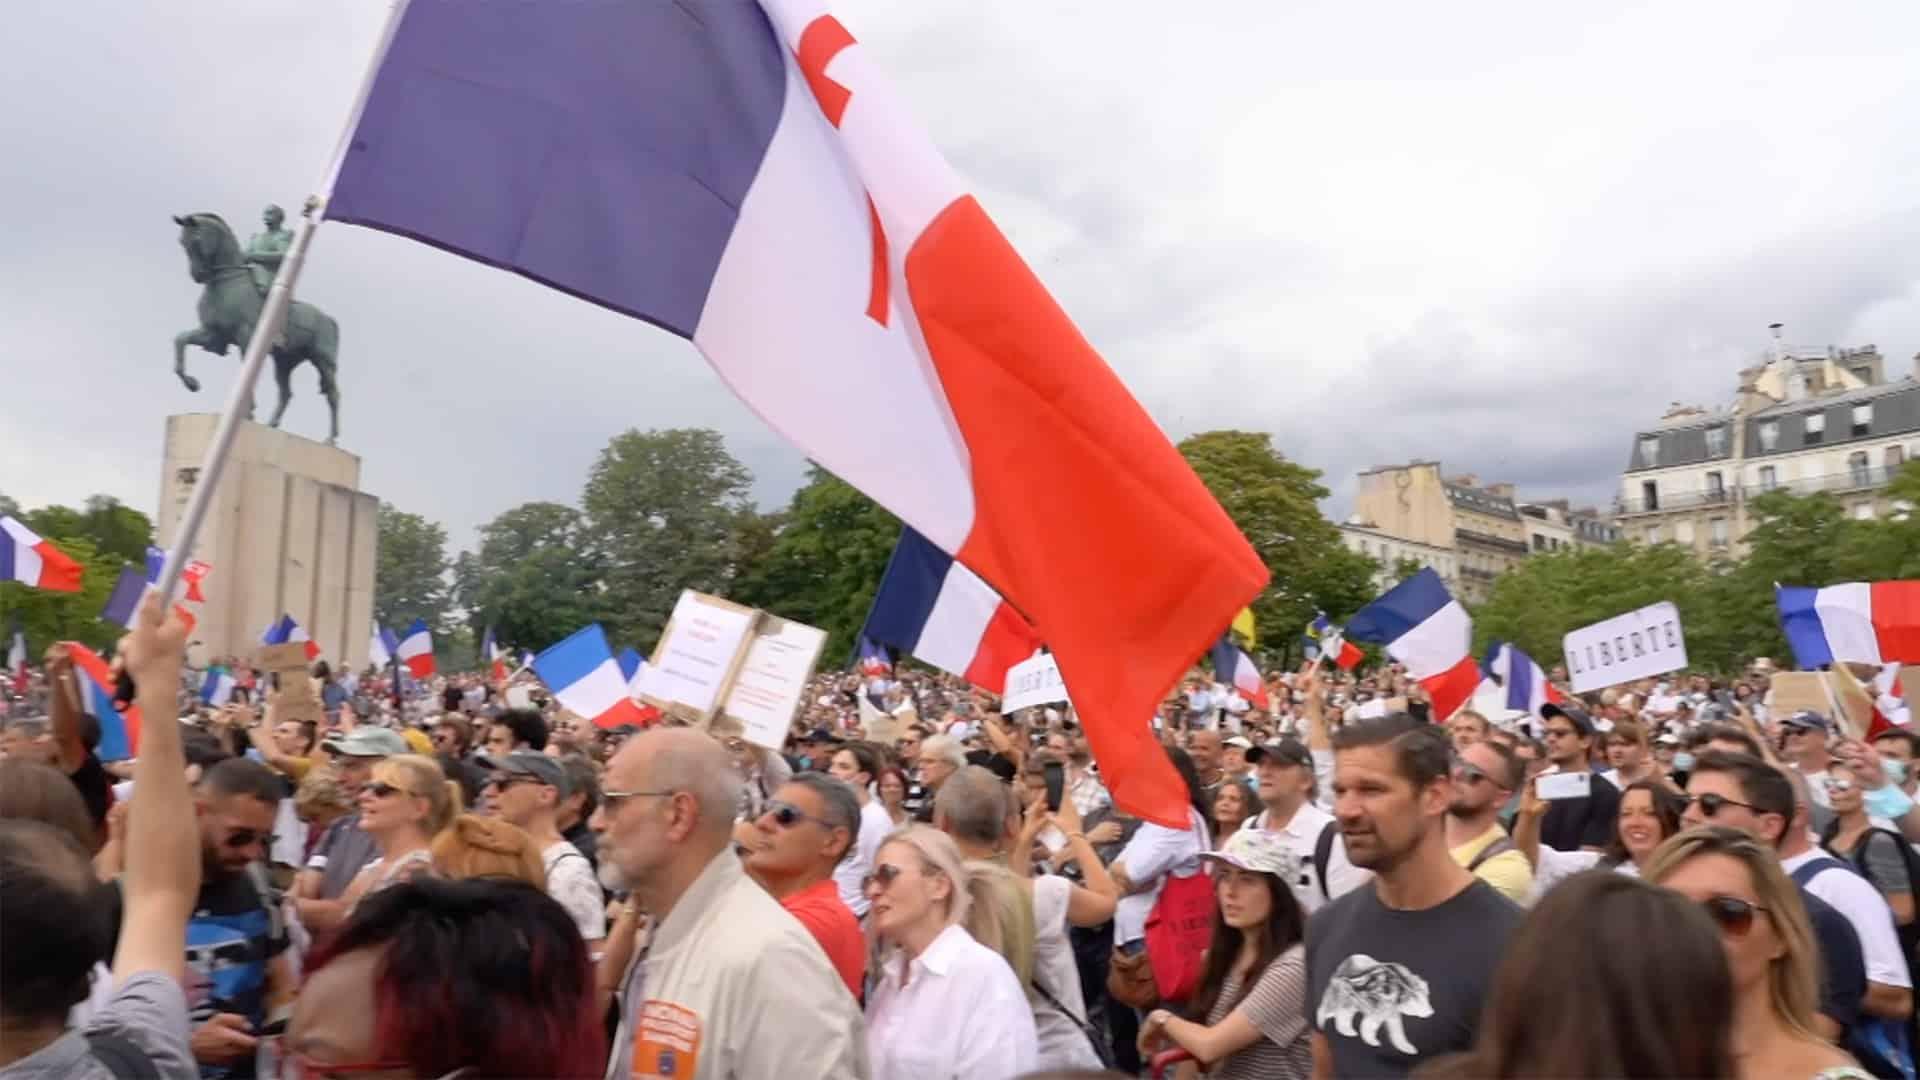 Manifestation anti-pass sanitaire à Paris